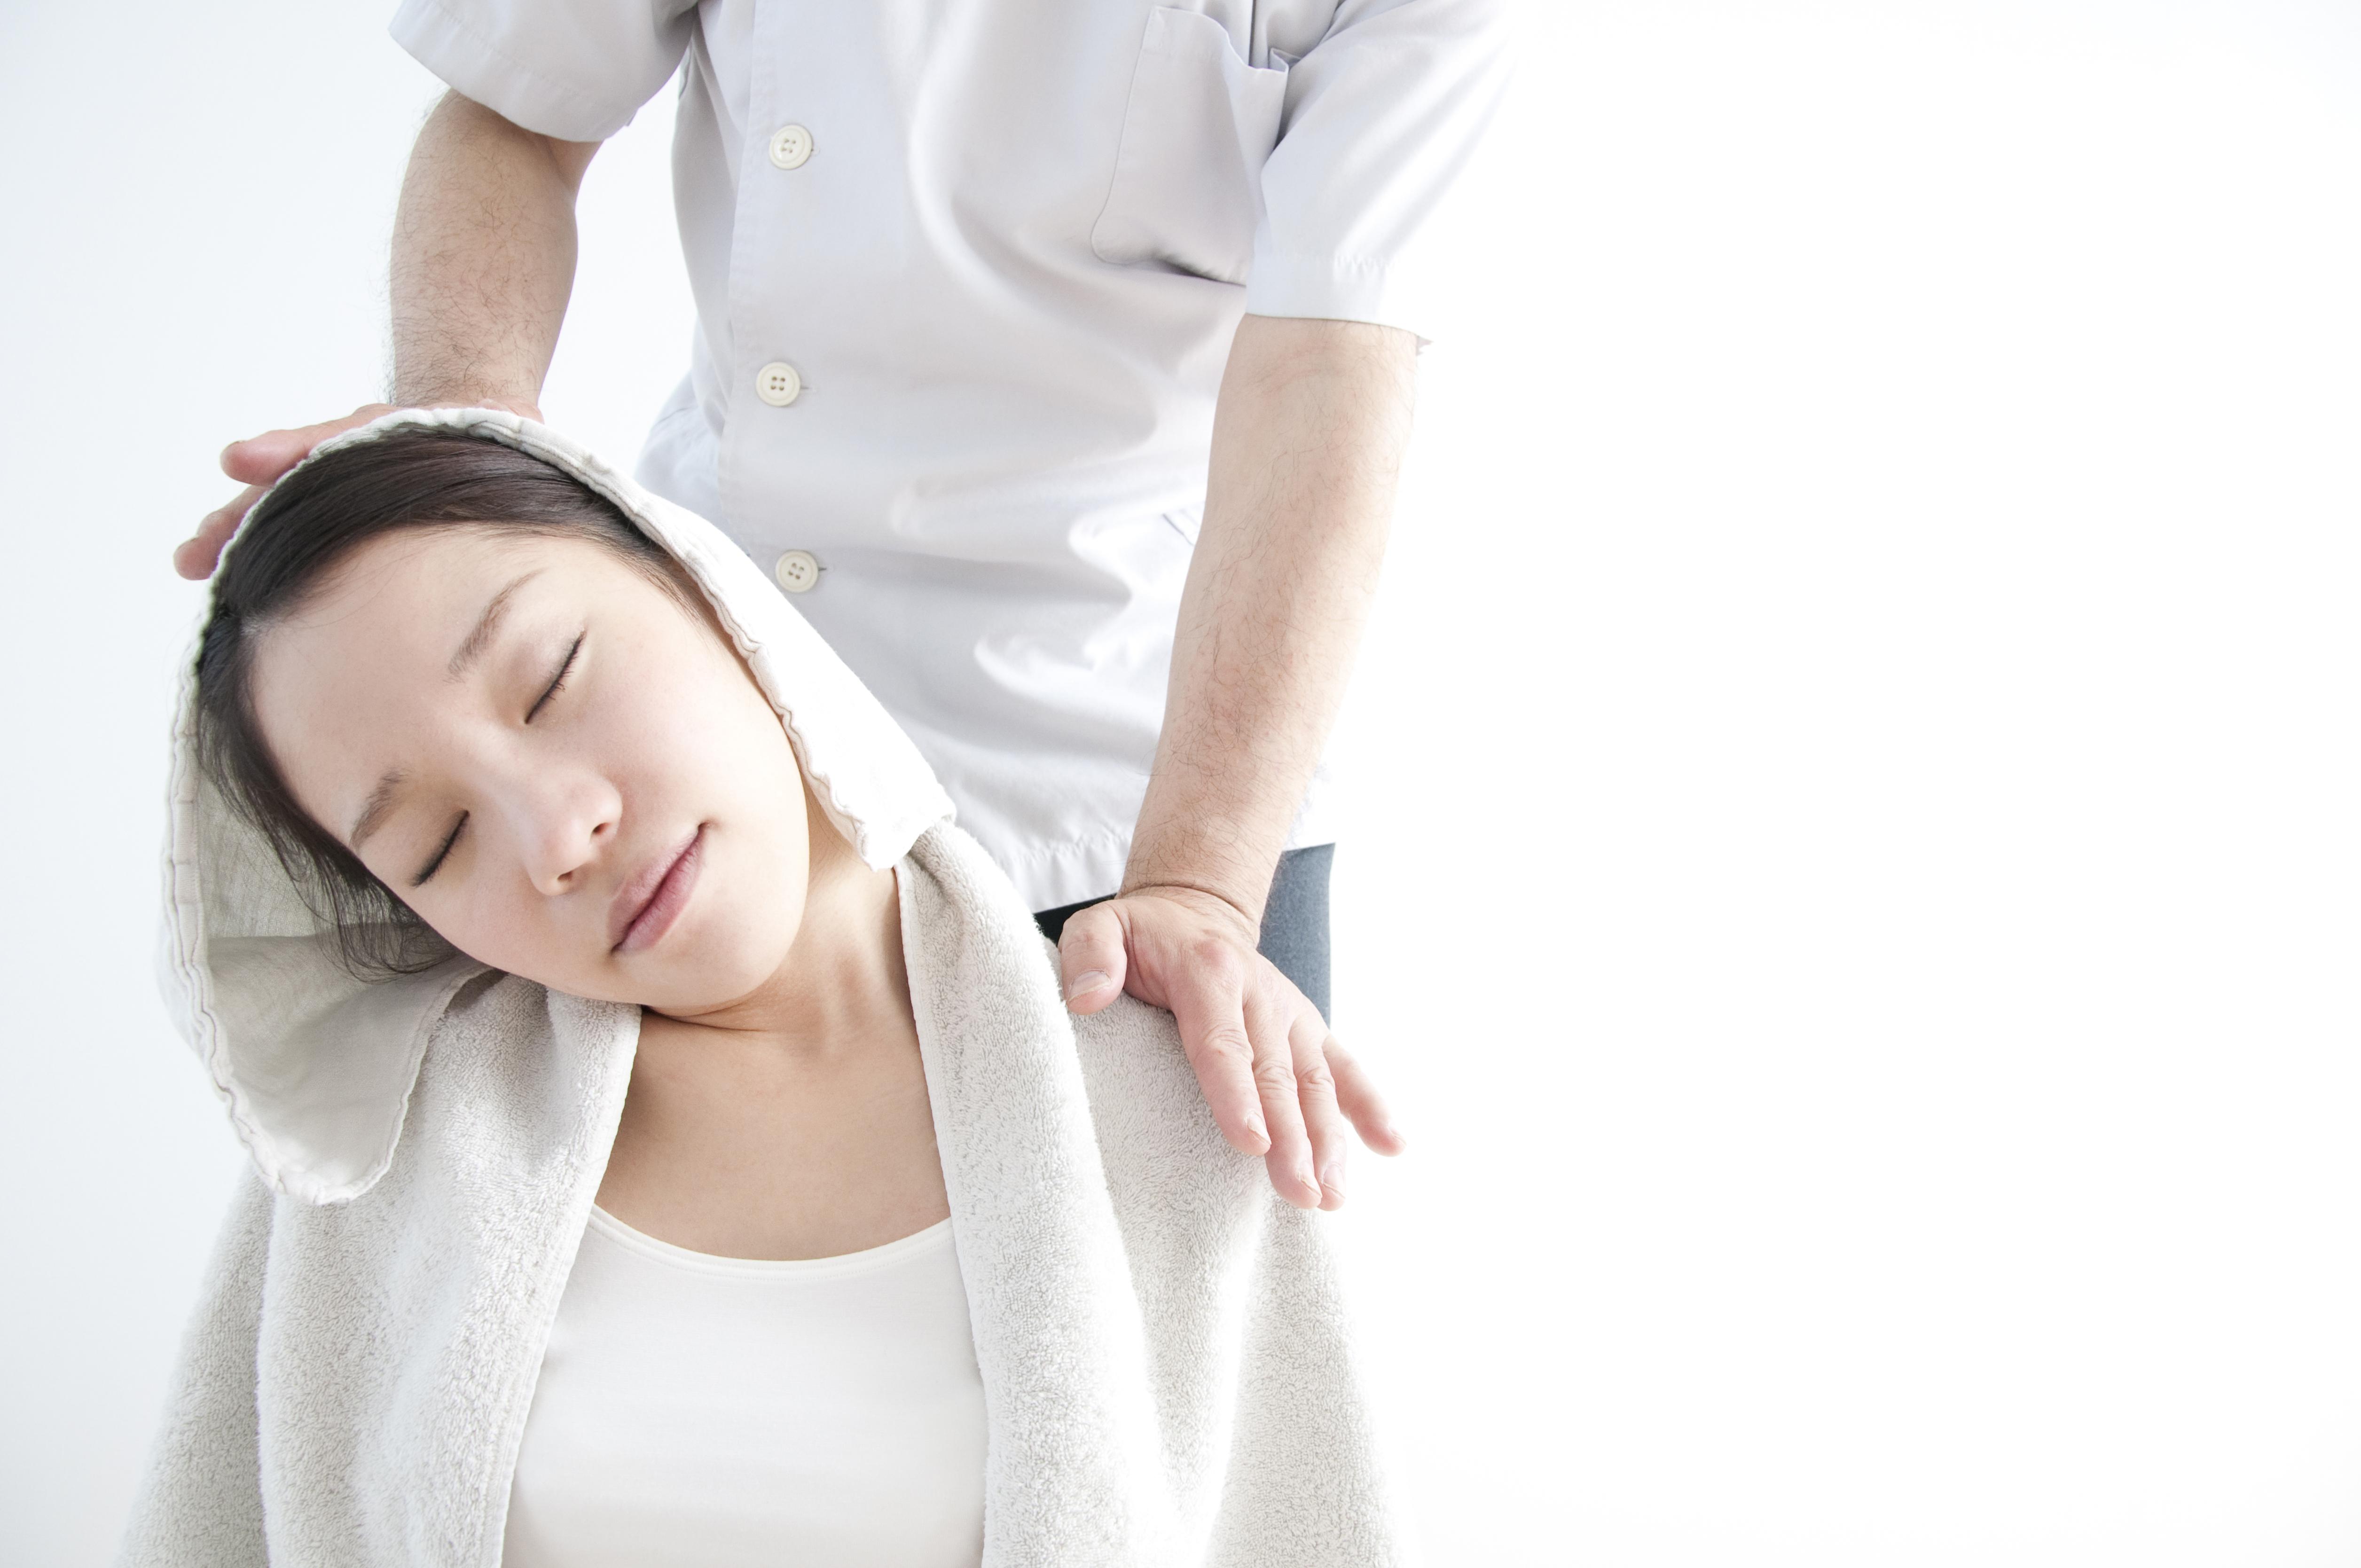 肩こり・腰痛の改善